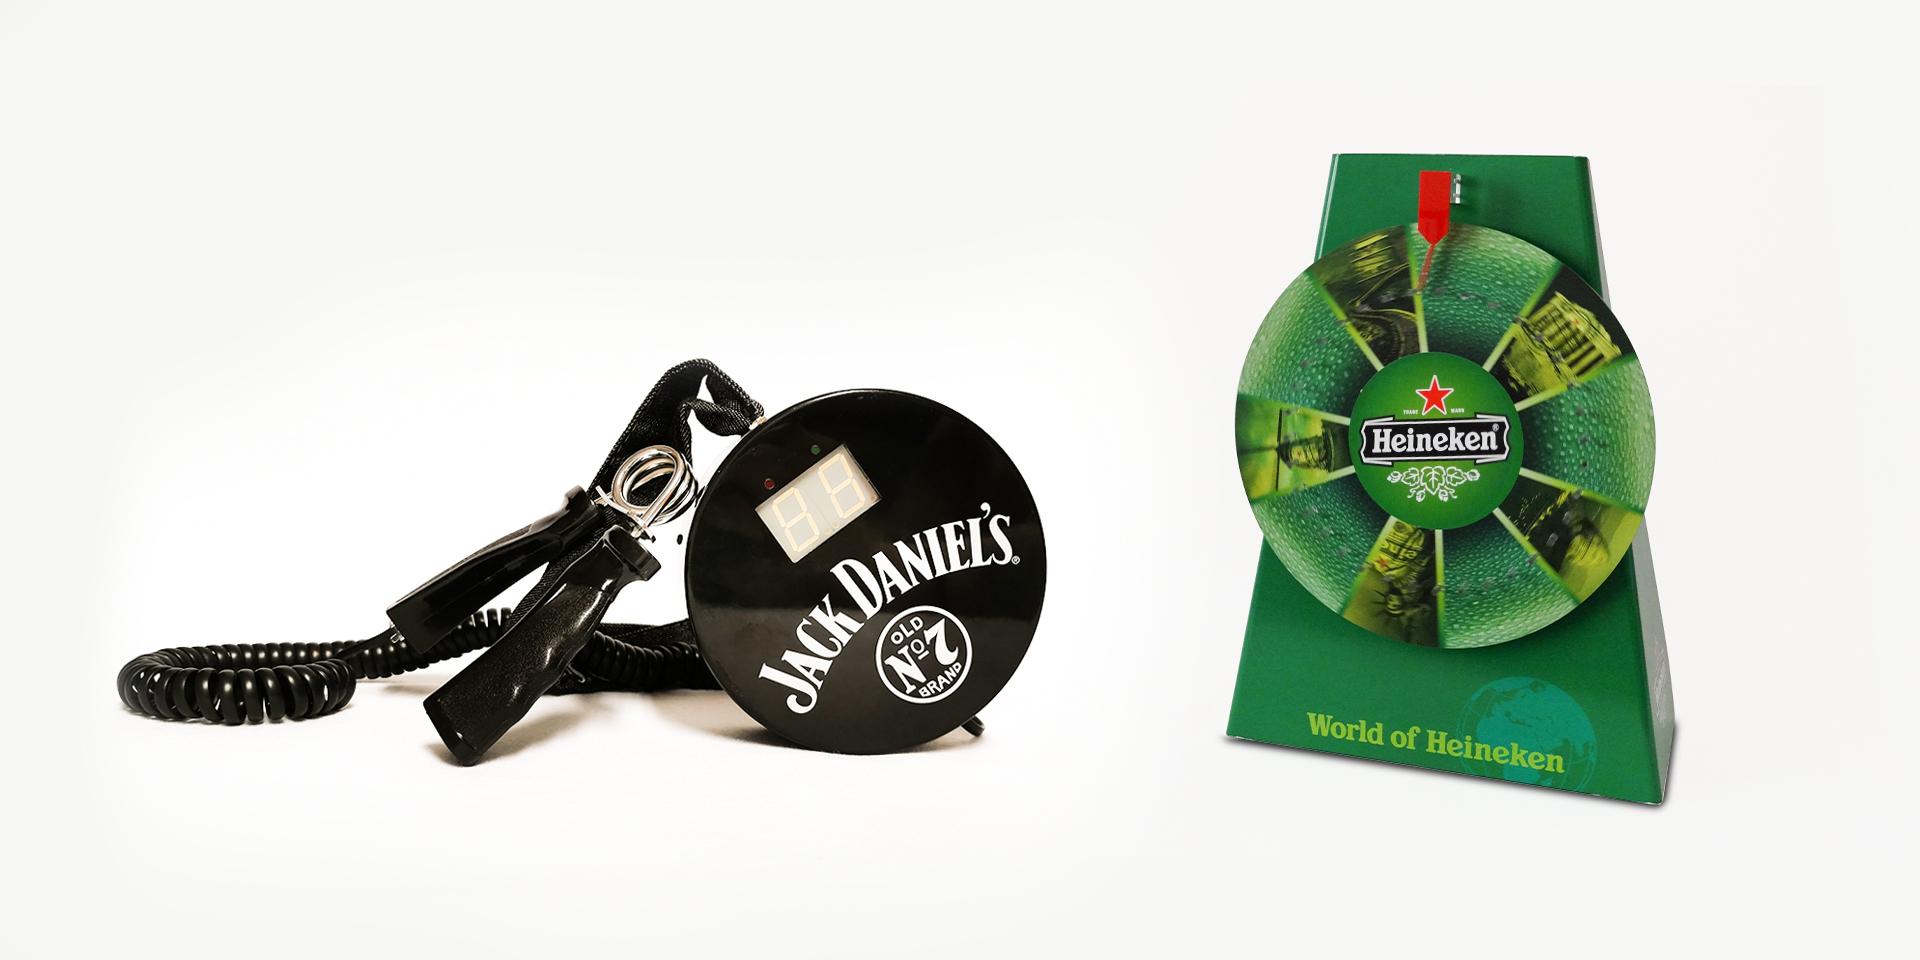 Zweyloeven GmbH - Jack Daniel's Handtrainer - Heineken Glücksrad